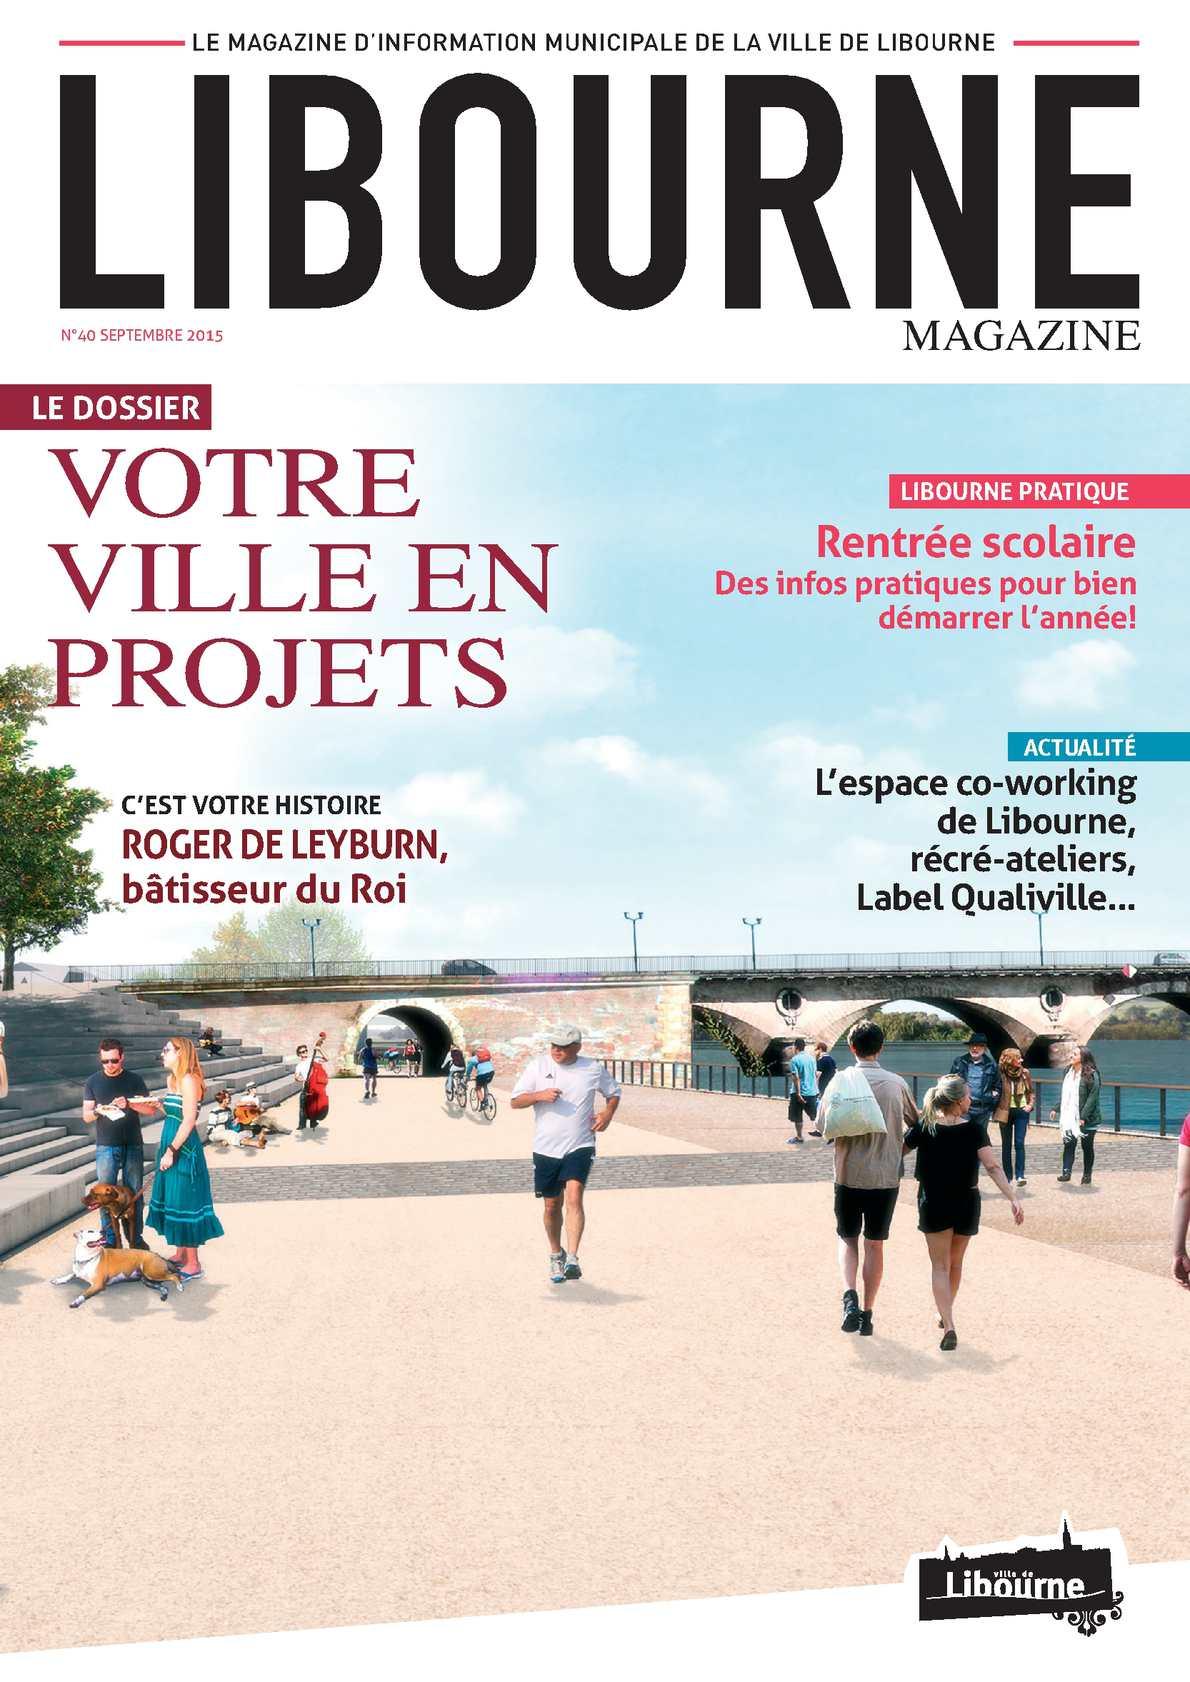 Calam o libourne magazine n 40 septembre 2015 for Piscine de libourne